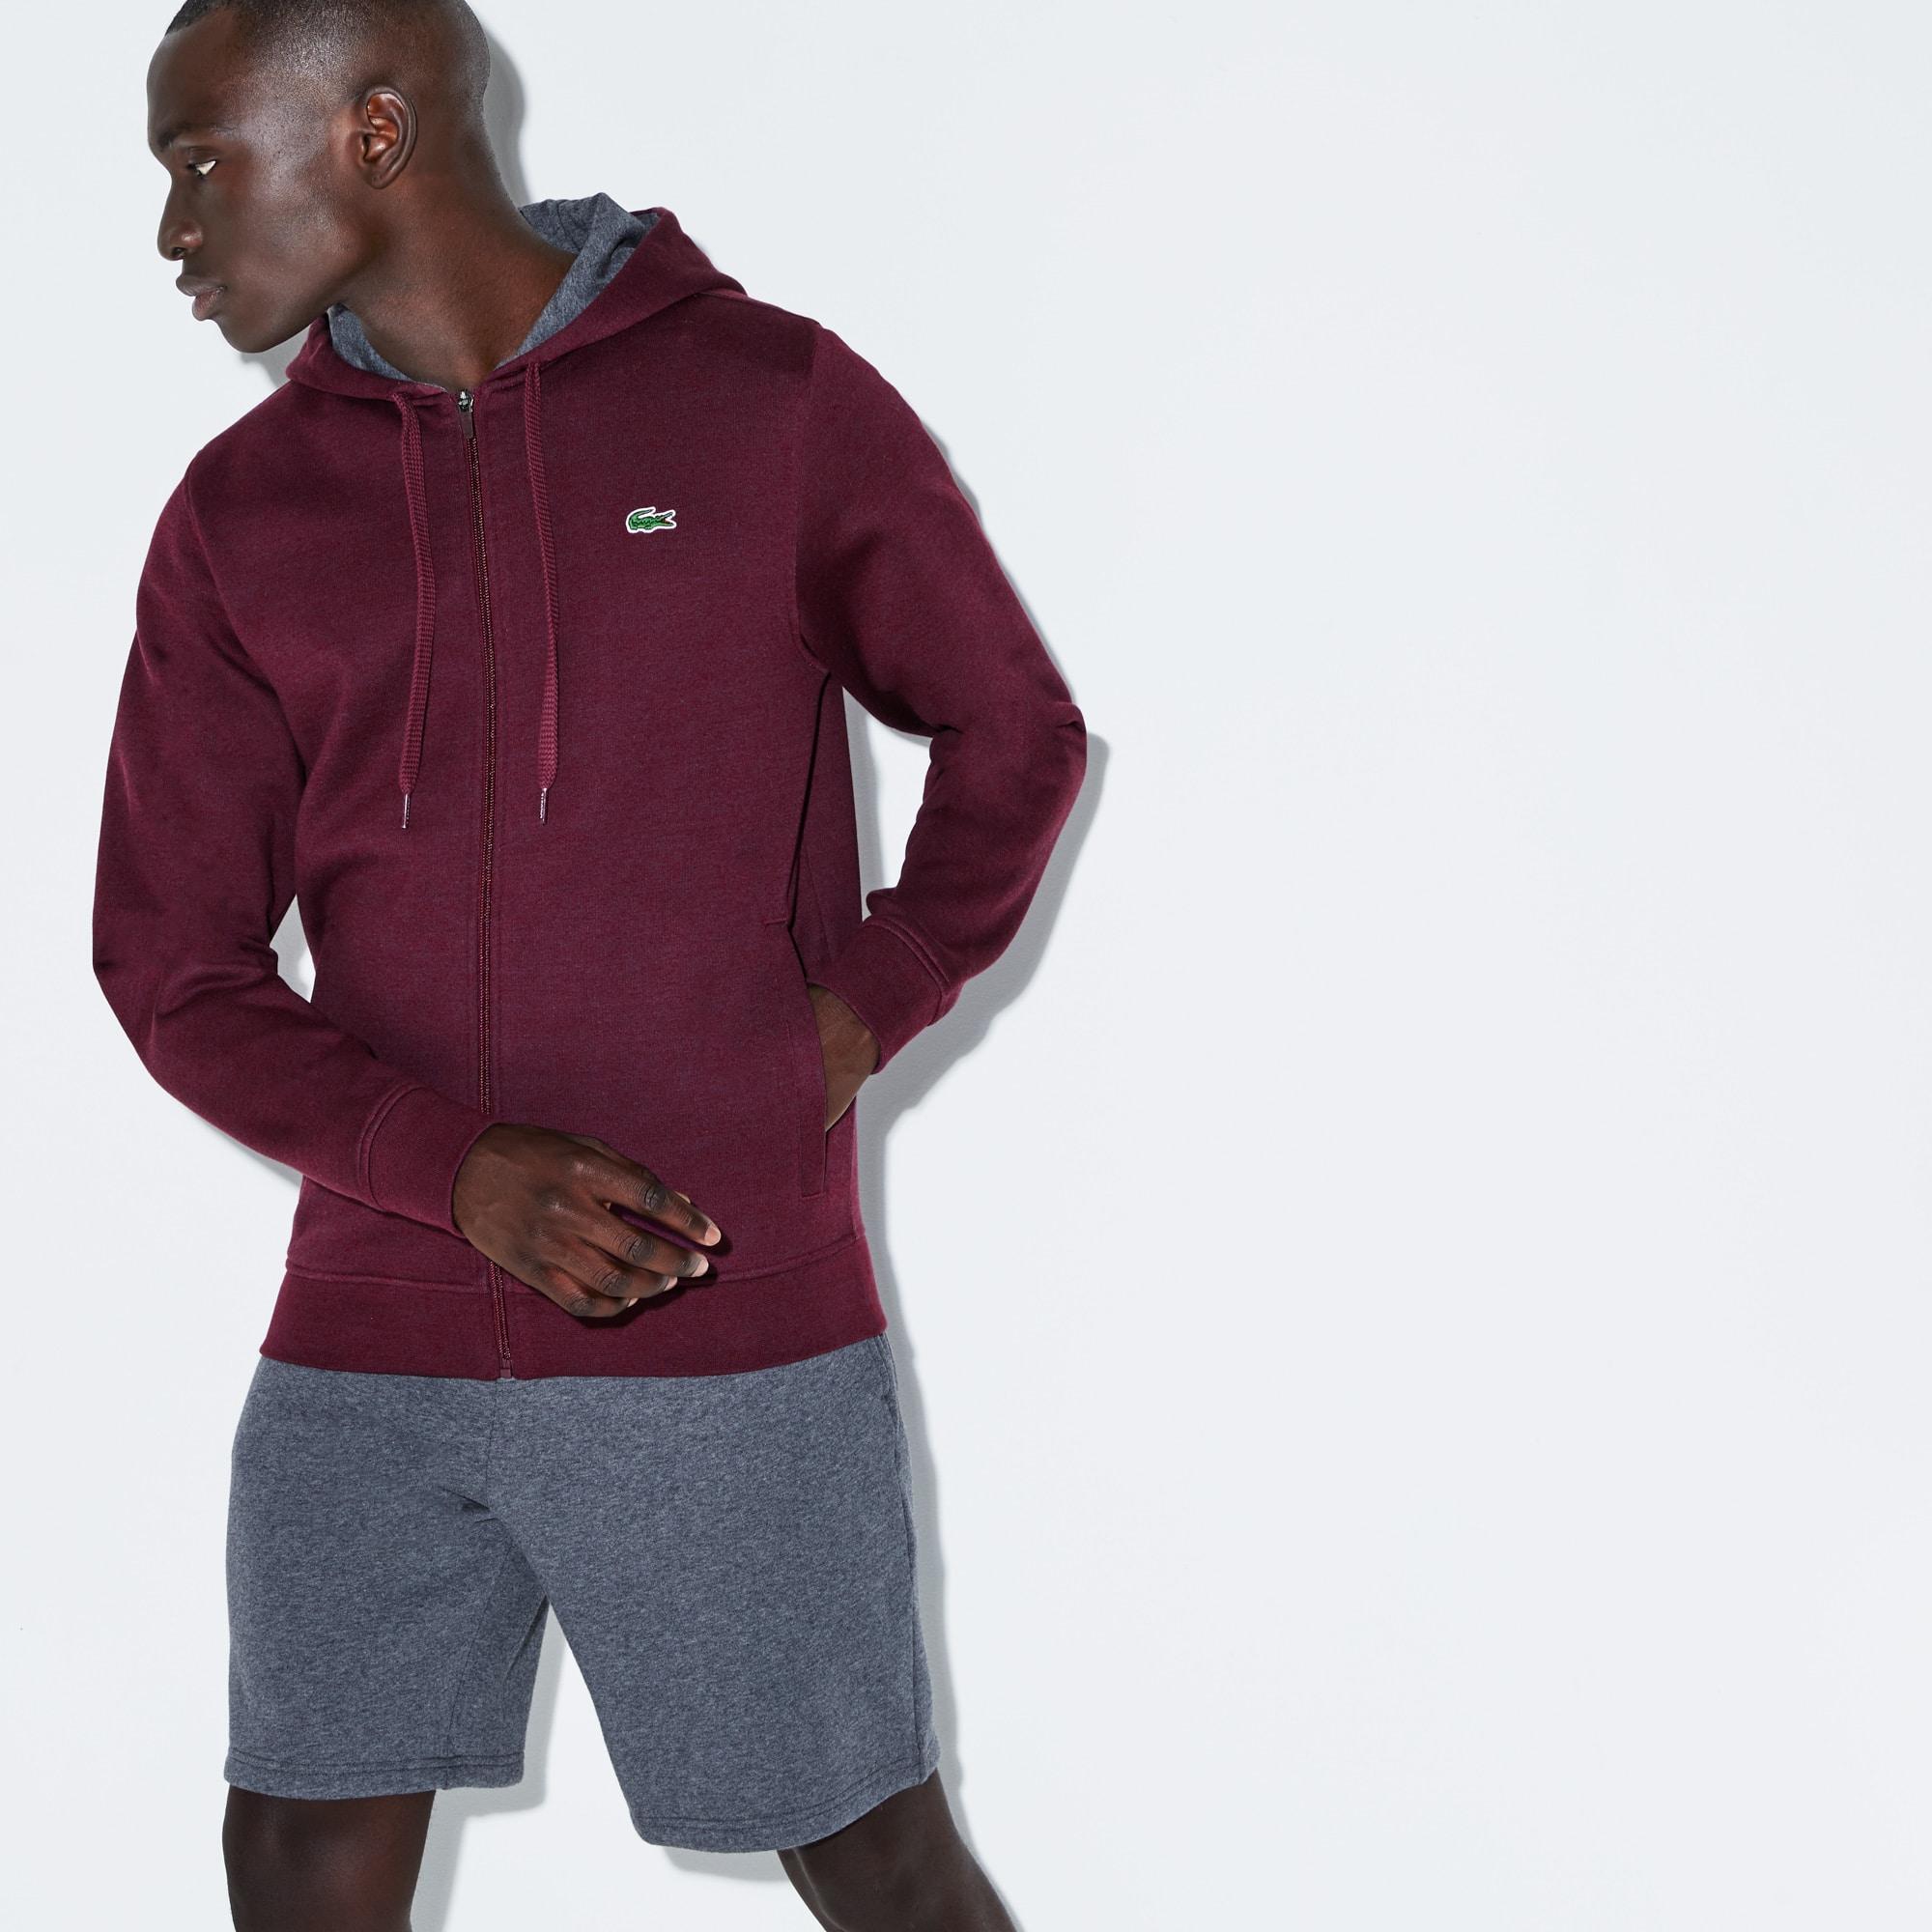 72029e281b906 Men s Lacoste SPORT Tennis hooded zippered sweatshirt in fleece ...